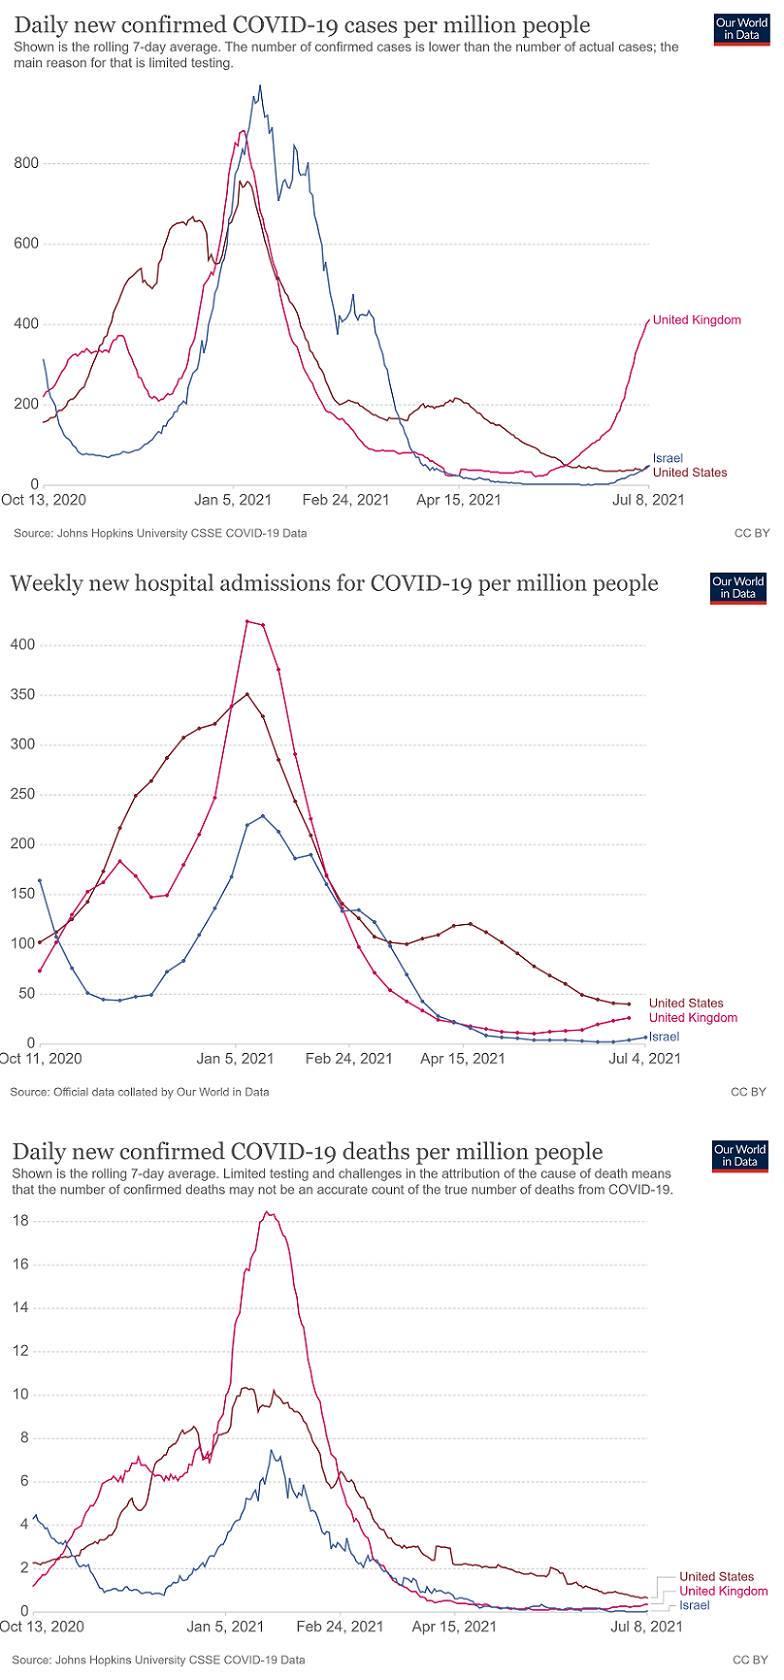 Gráfico 1: novos casos diários de covid-19 confirmados (por milhão de habitantes) no Reino Unido, Israel e EUA | Gráfico 2: novas admissões em hospitais de pacientes de covid (por milhão de habitantes) no Reino Unido, Israel e EUA | Gráfico 3: novas mortes diárias por covid confirmadas (por milhão de pessoas) no Reino Unido, Israel e EUA